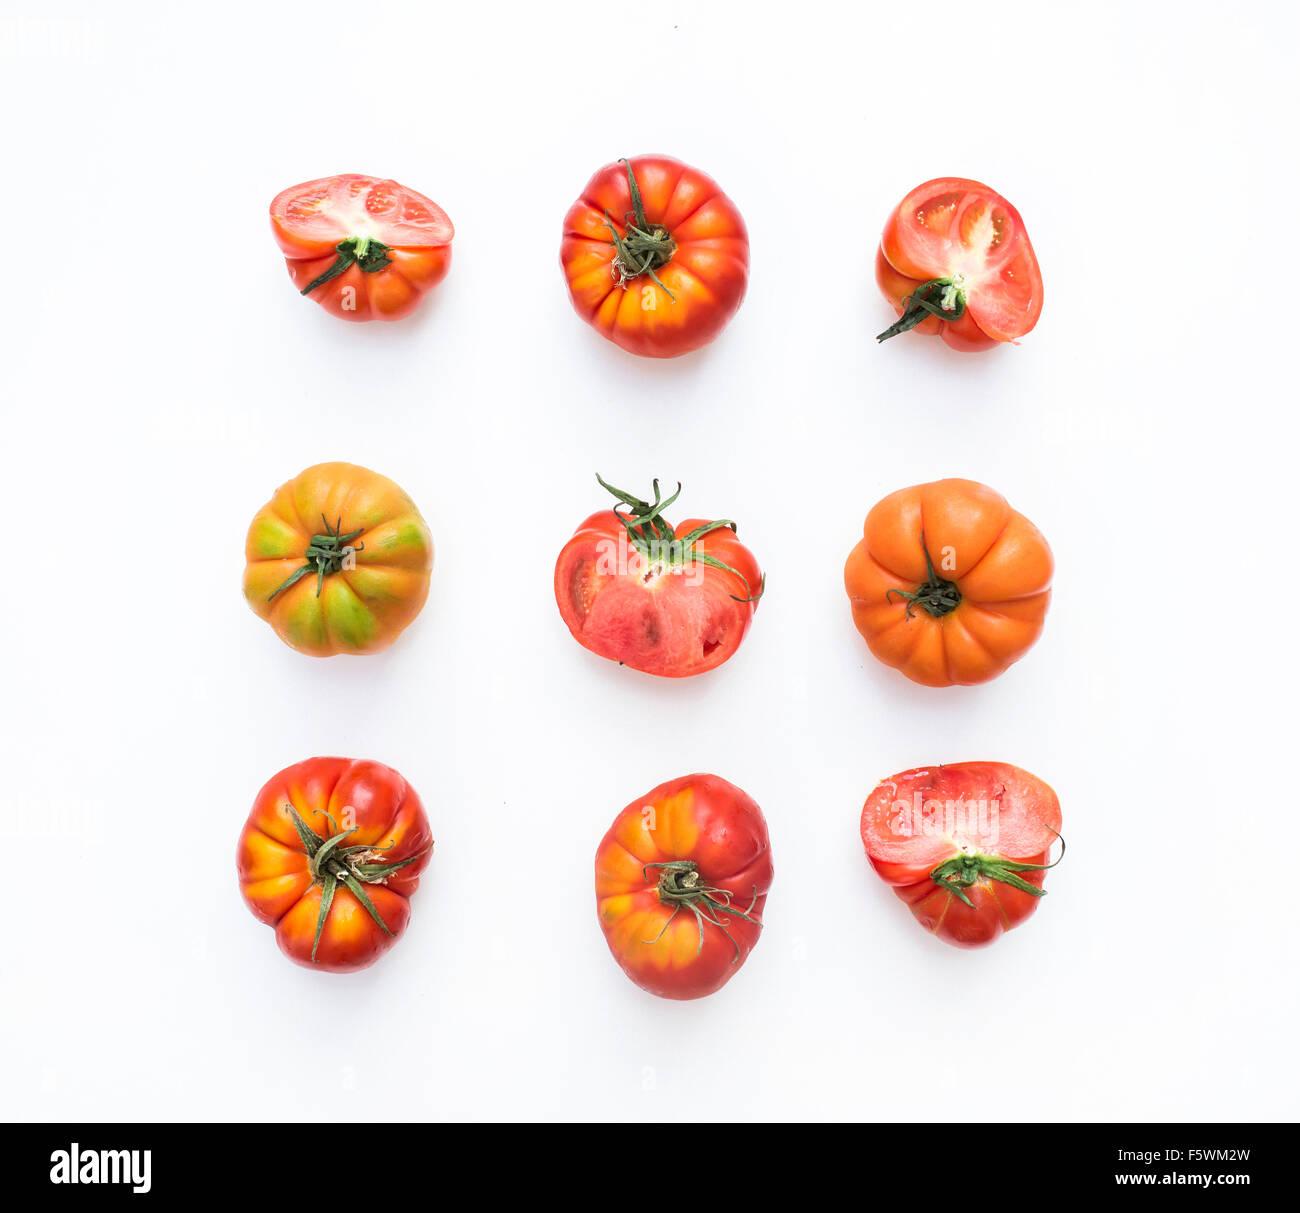 Selezione del cimelio di pomodori su un sfondo bianco, vista dall'alto Immagini Stock